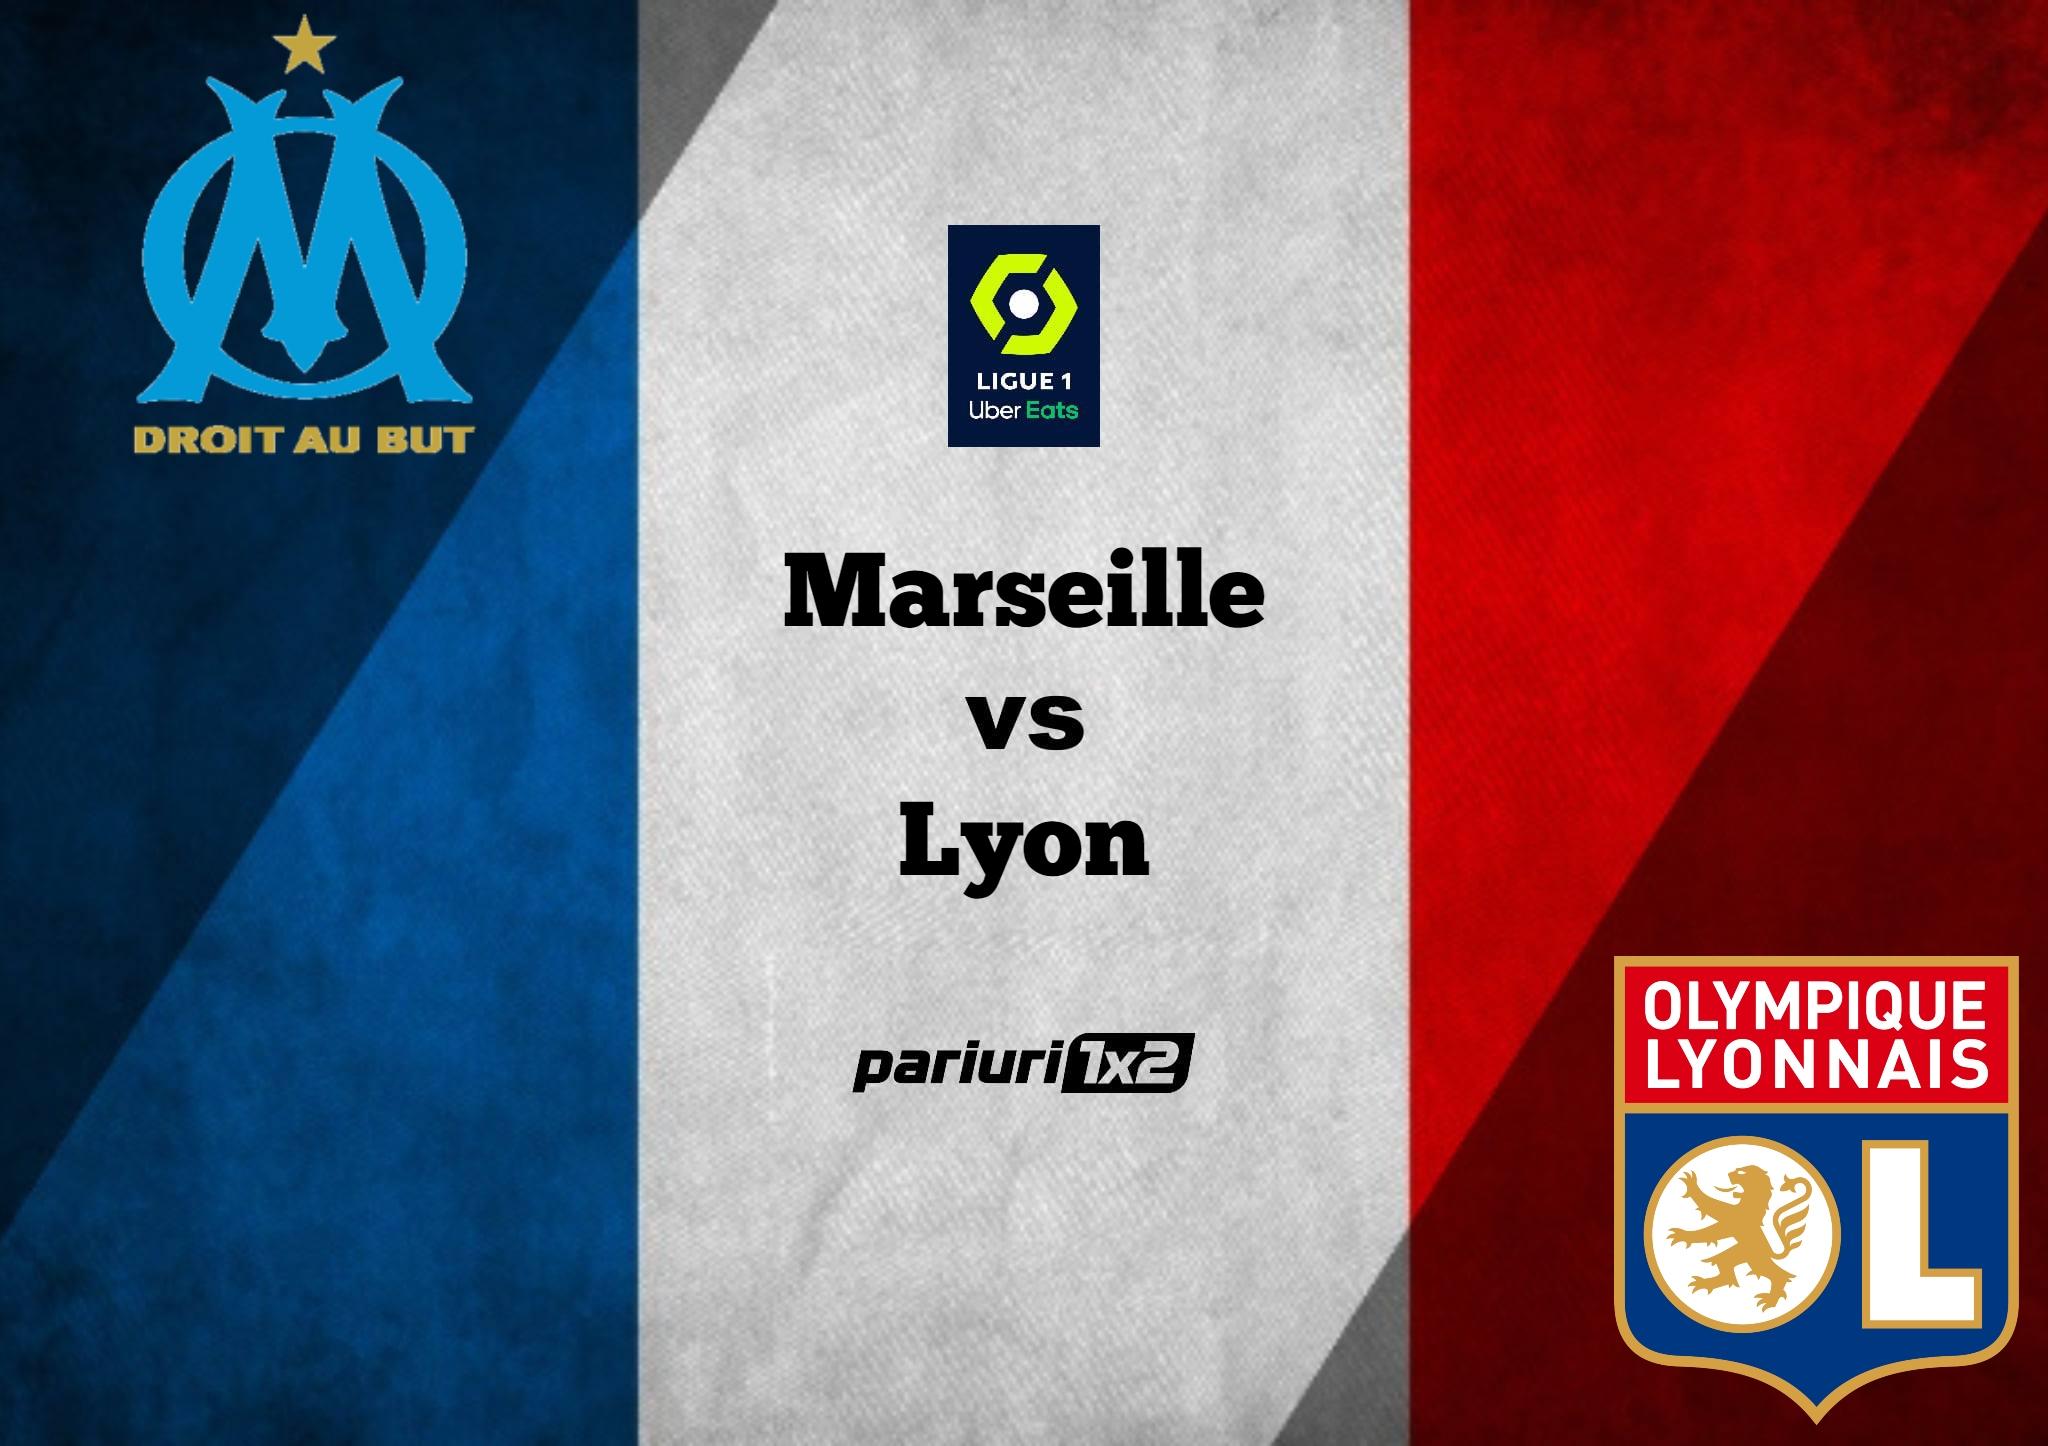 """Pariuri fotbal » Marseille – Lyon: """"Derby-ul olimpic"""", capul de afis al etapei din Ligue 1"""